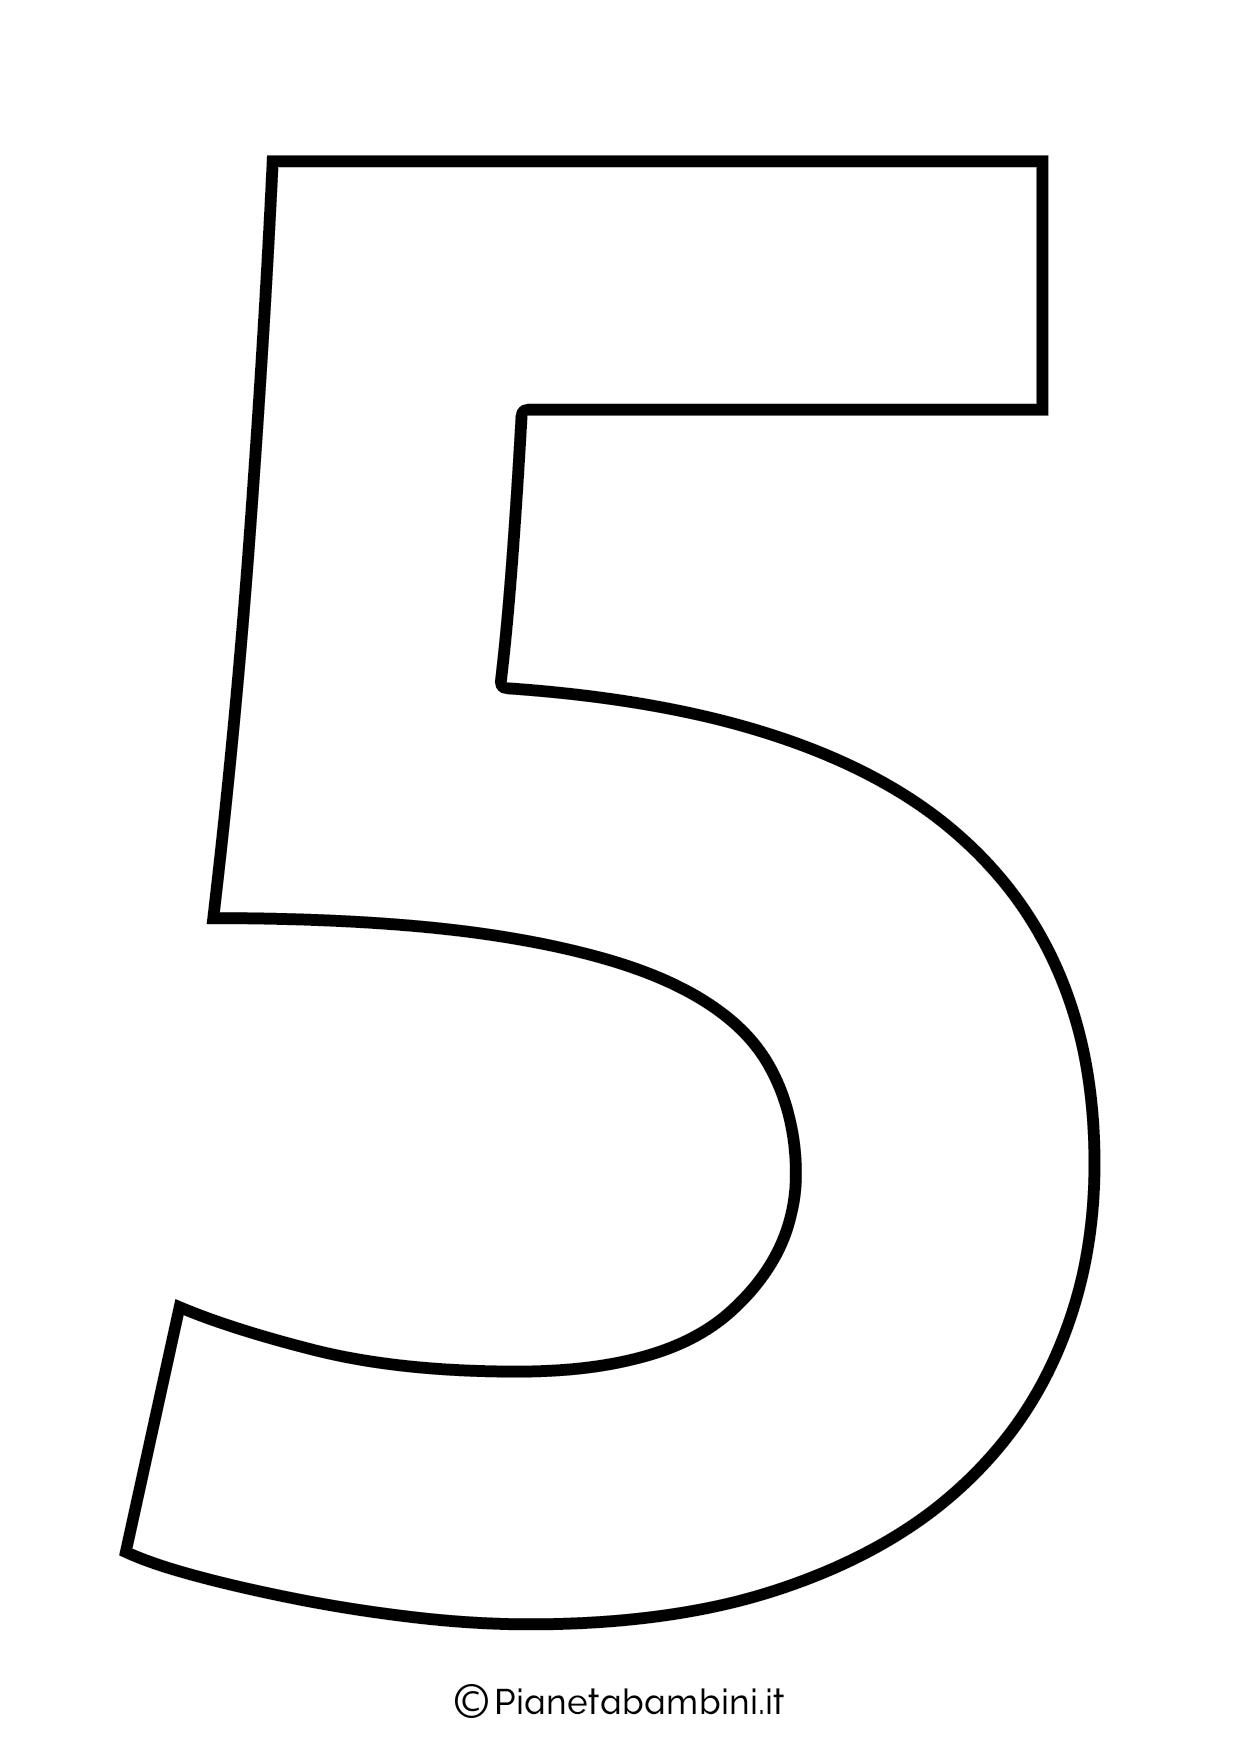 Numero 5 da stampare